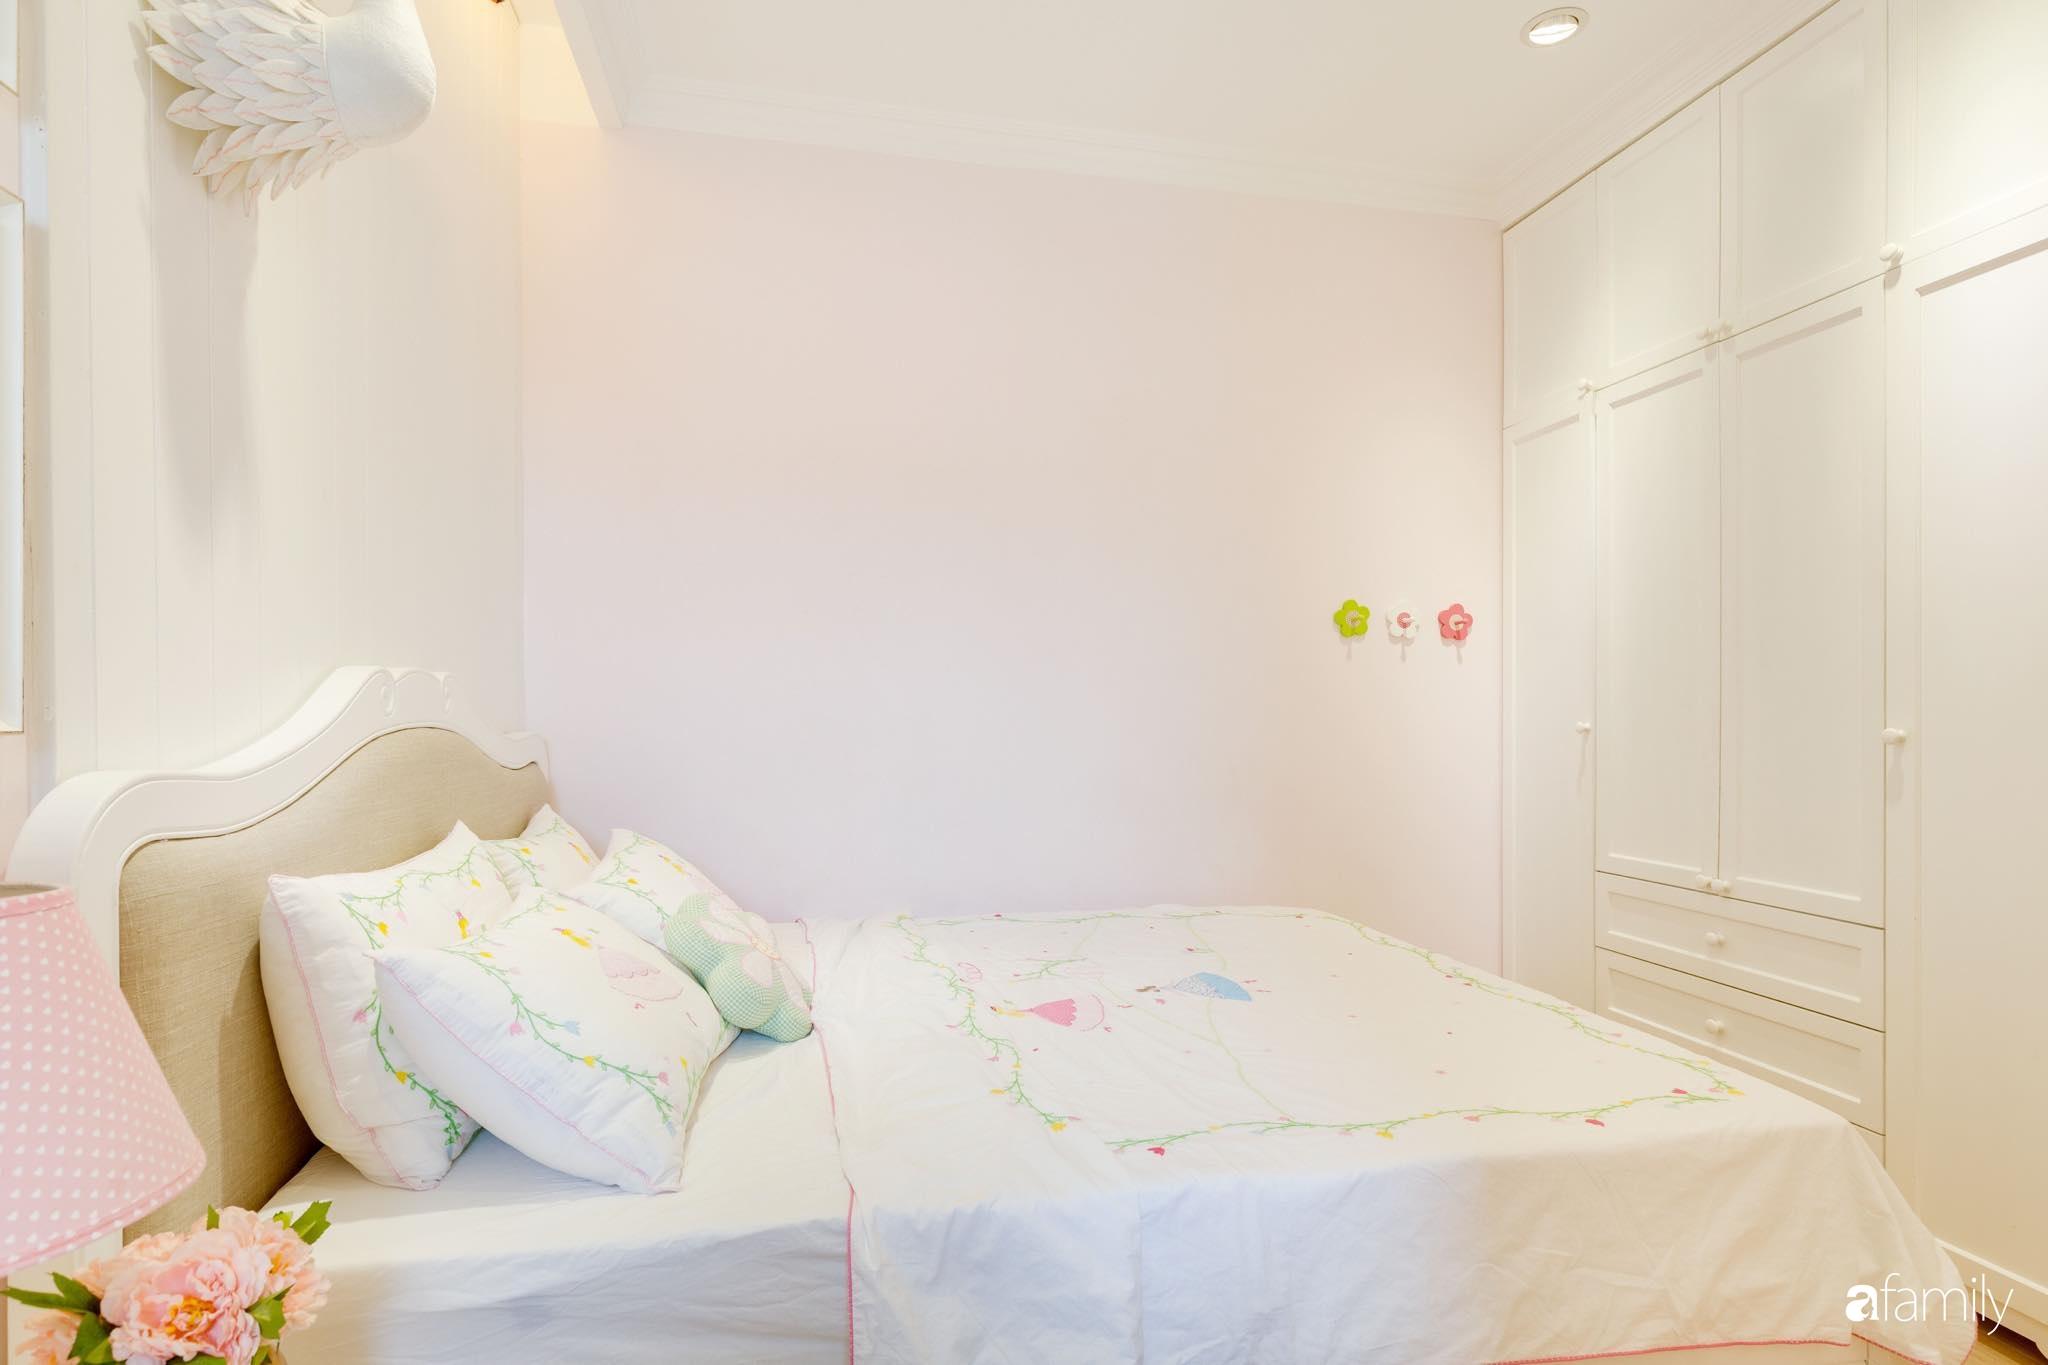 Căn hộ 92m² với góc nào cũng đẹp như trong tạp chí nước ngoài của gia chủ yêu thích trang trí nội thất ở Sài Gòn - Ảnh 20.